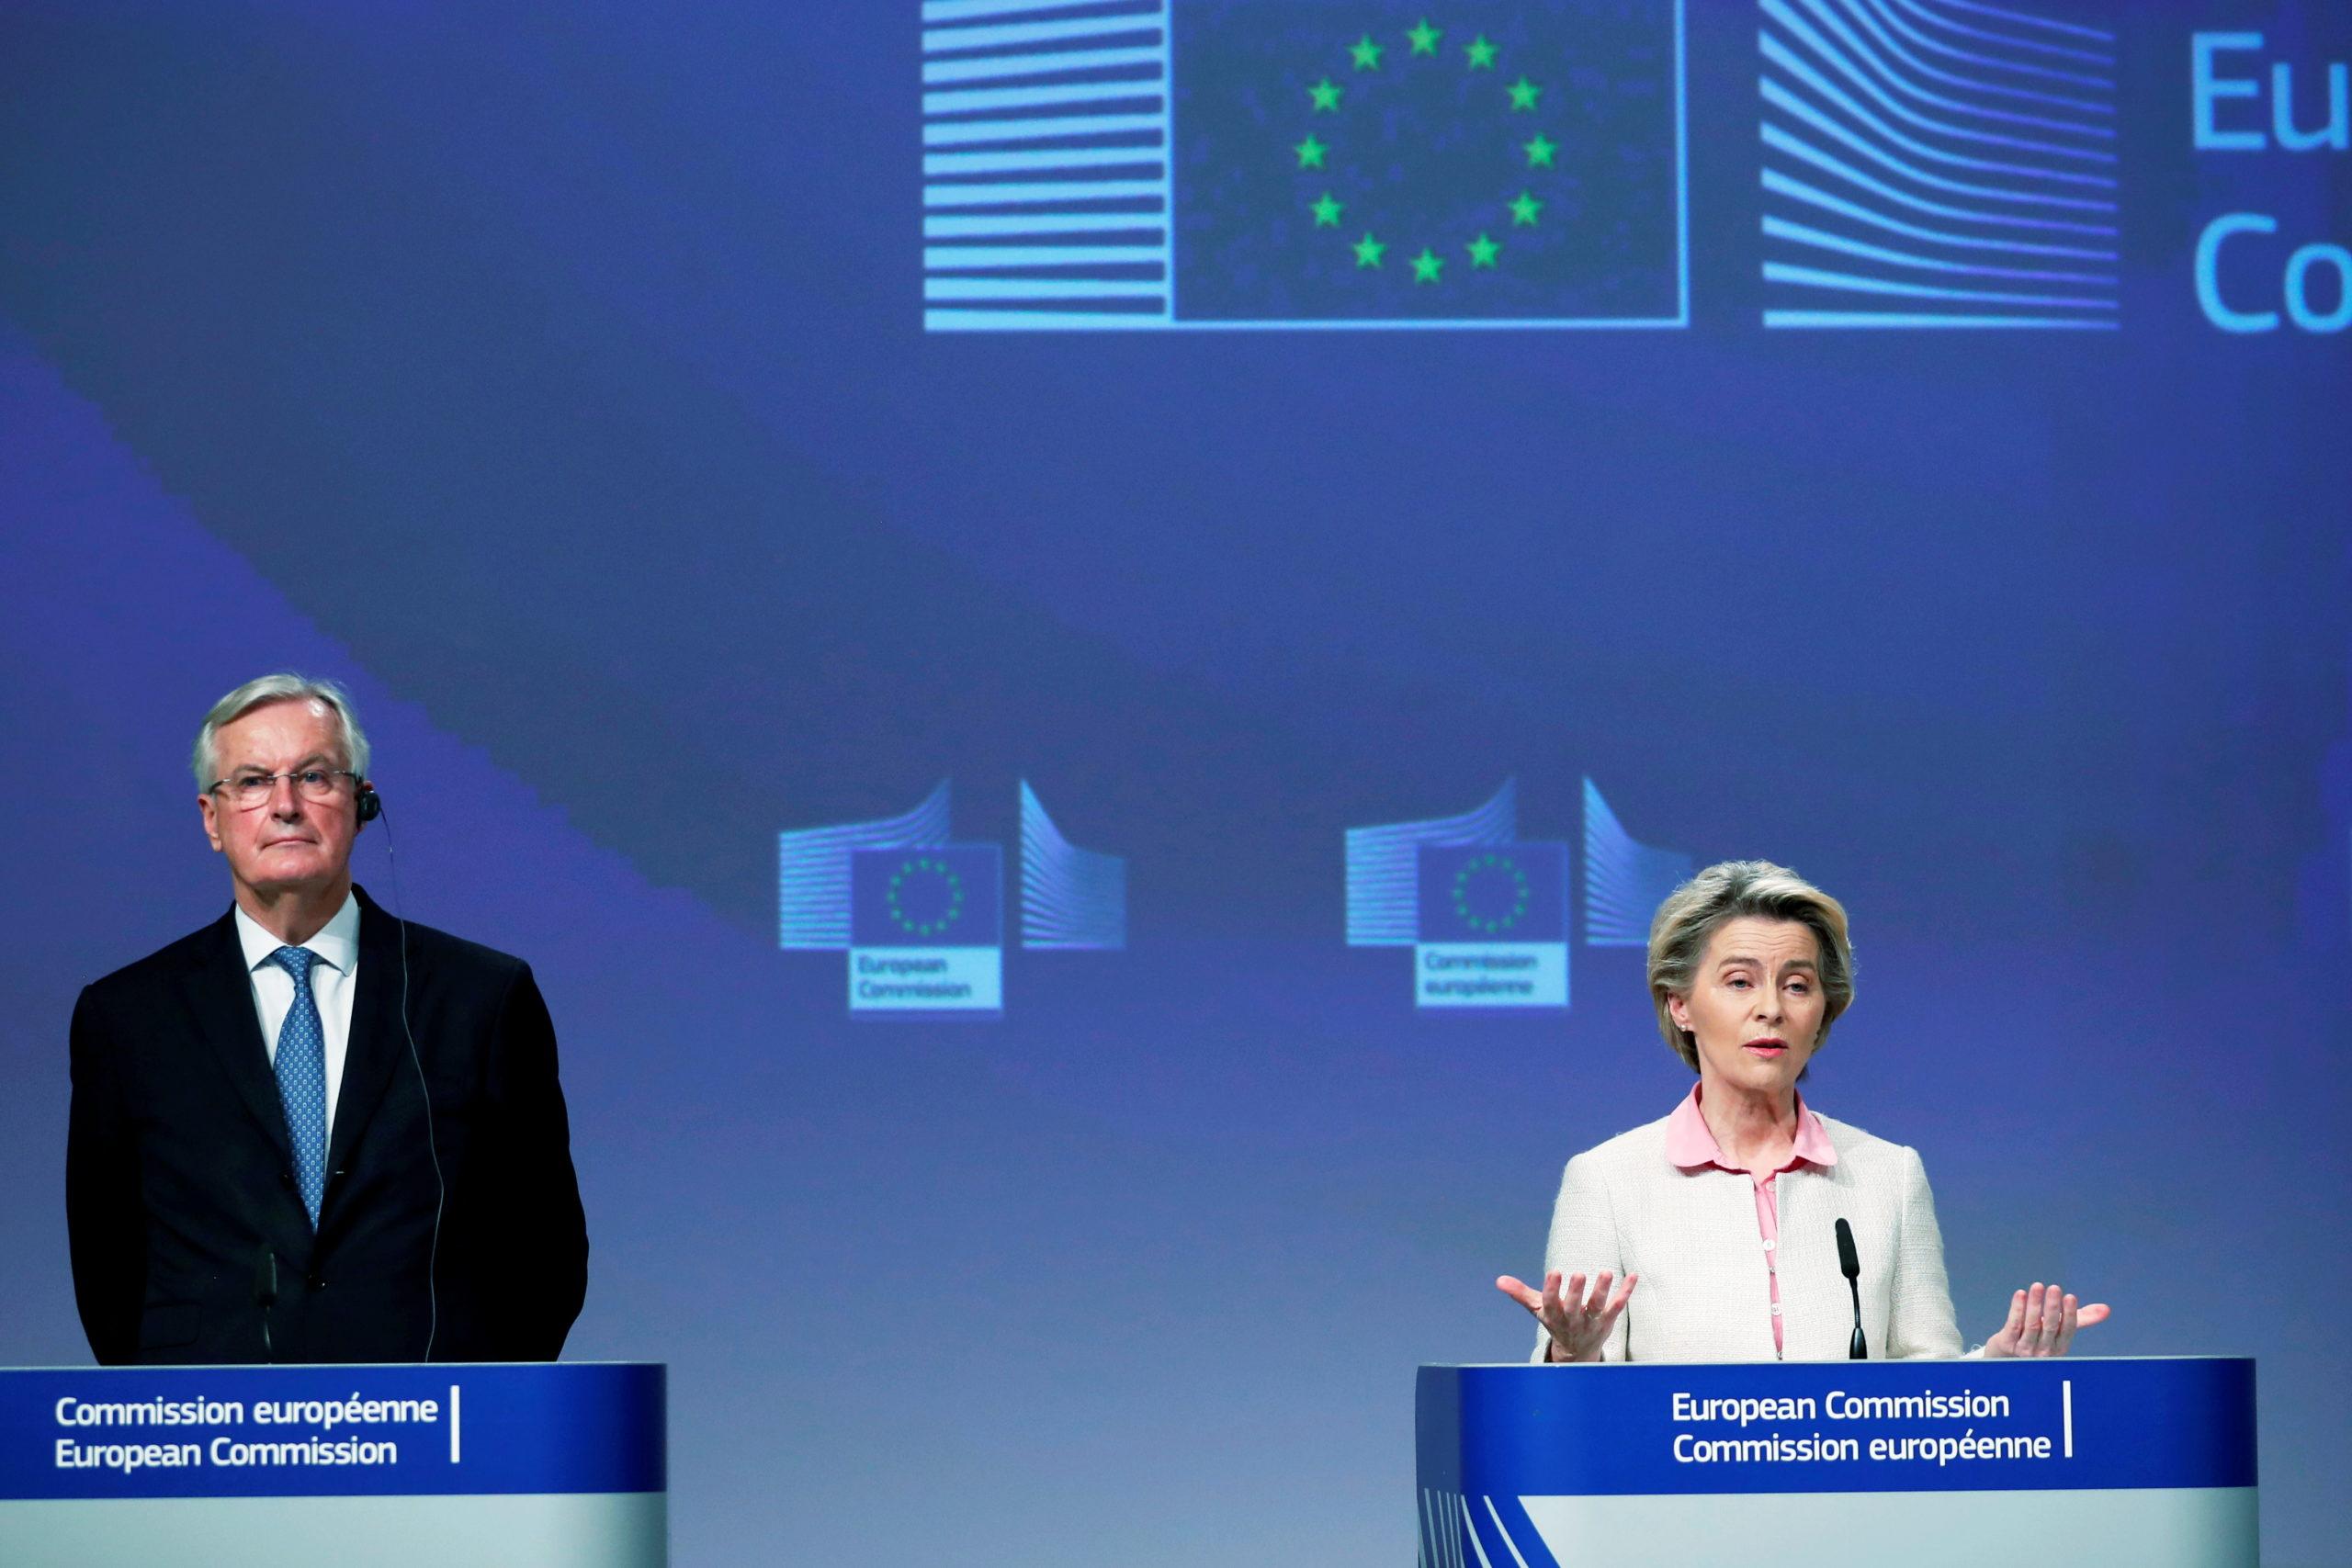 Велика Британія і ЄС погодили торговельну угоду після Brexit